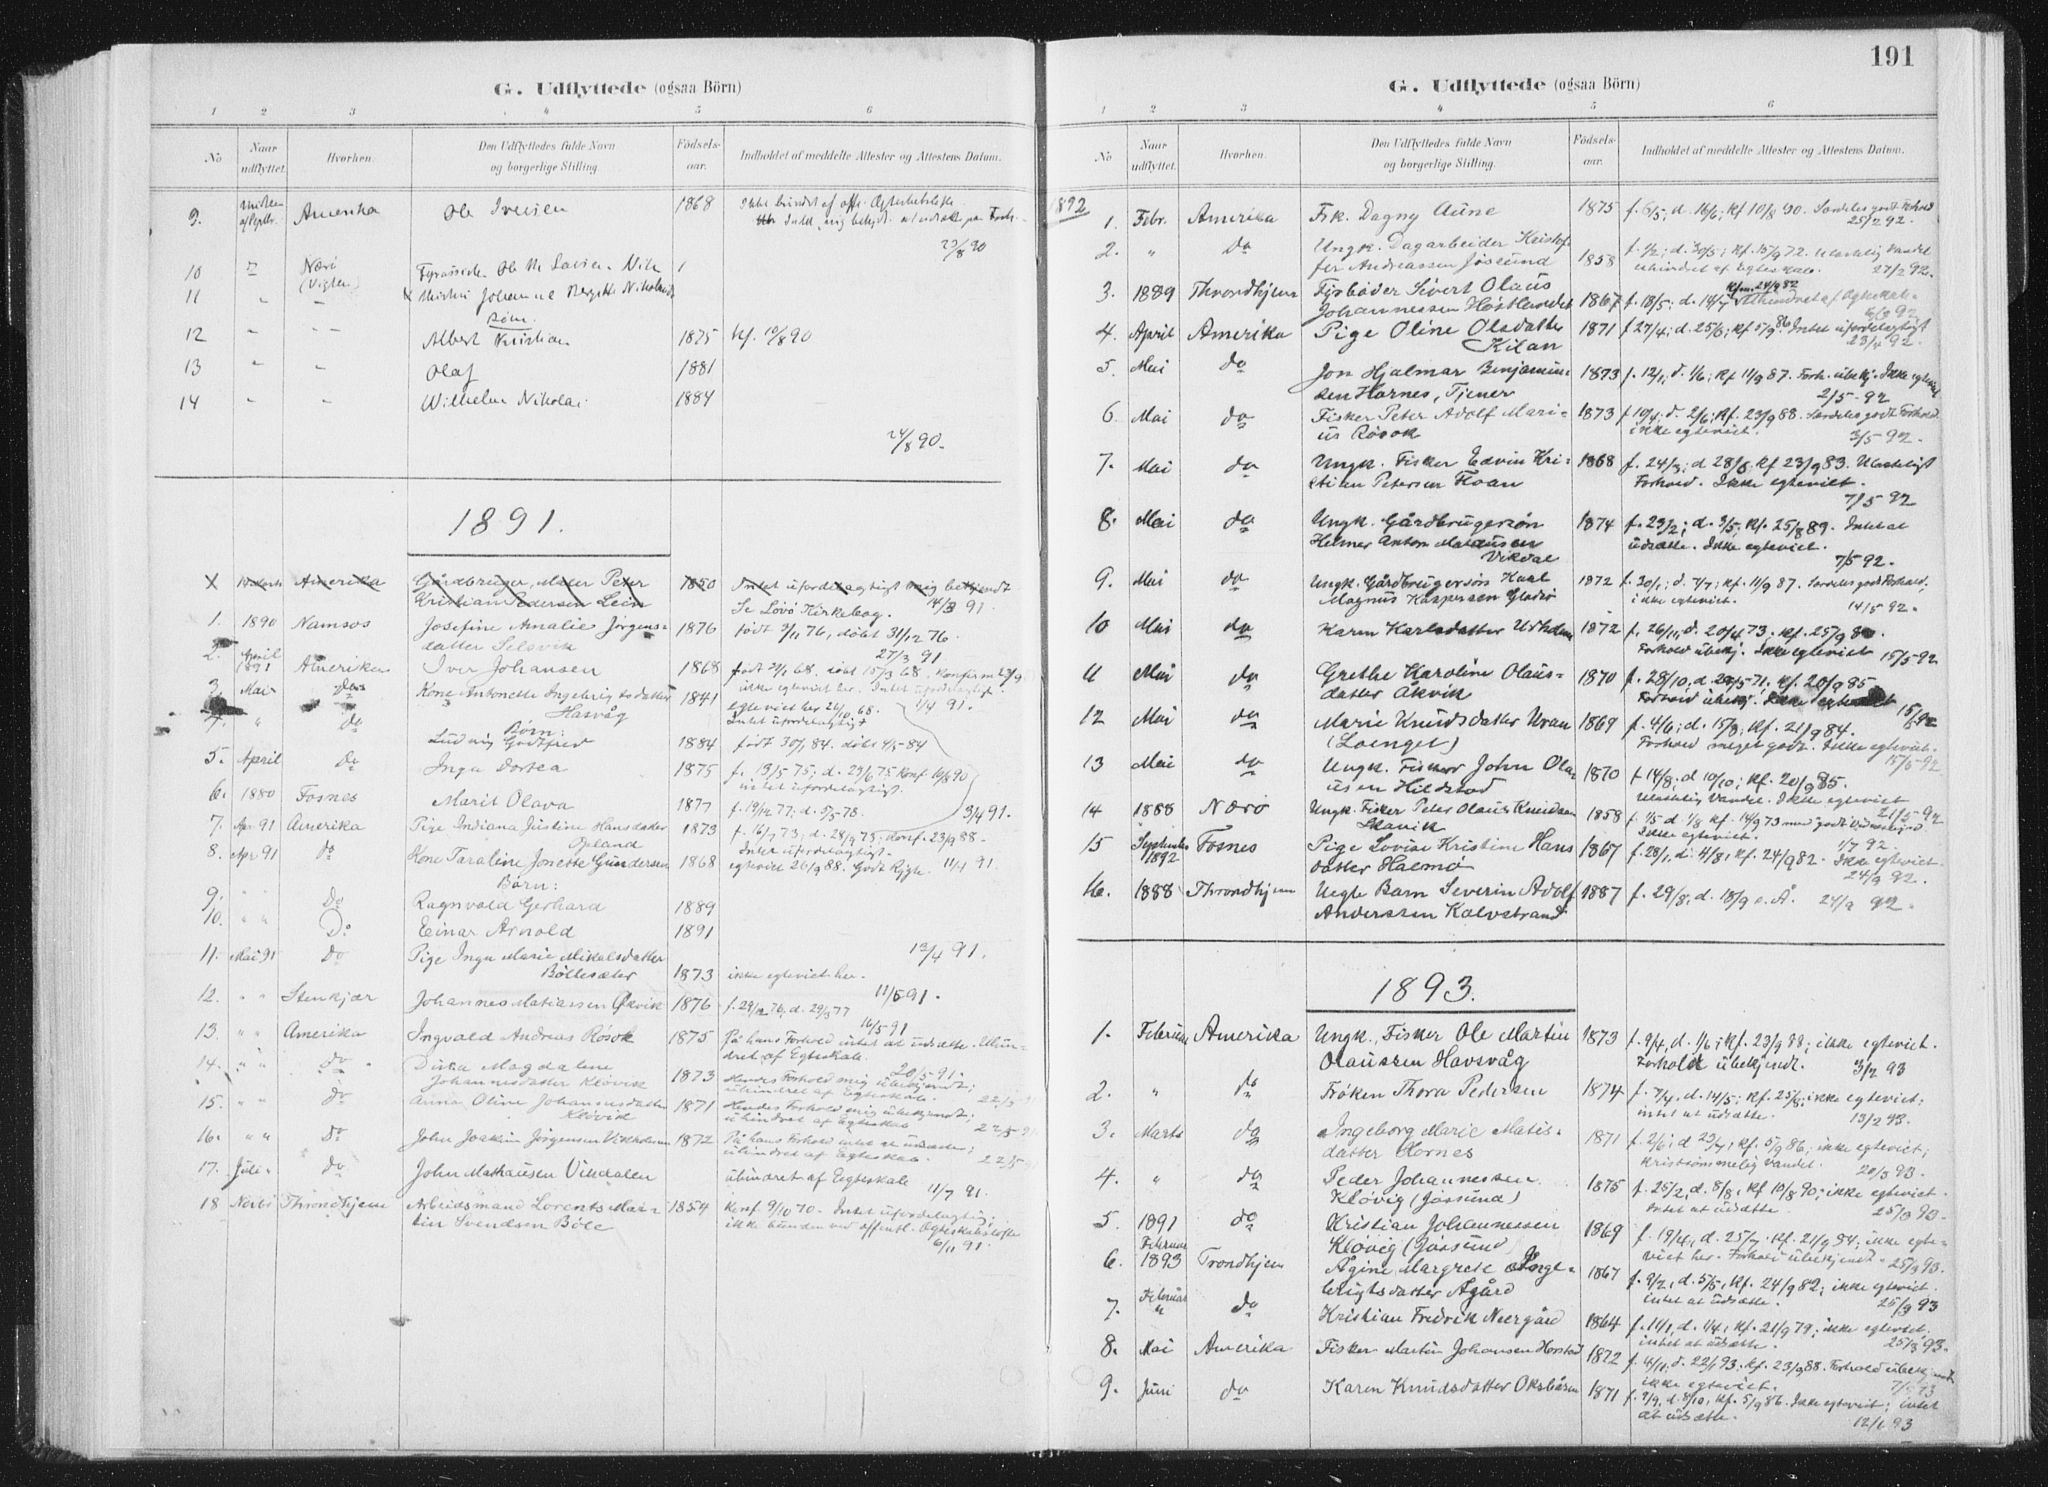 SAT, Ministerialprotokoller, klokkerbøker og fødselsregistre - Nord-Trøndelag, 771/L0597: Ministerialbok nr. 771A04, 1885-1910, s. 191